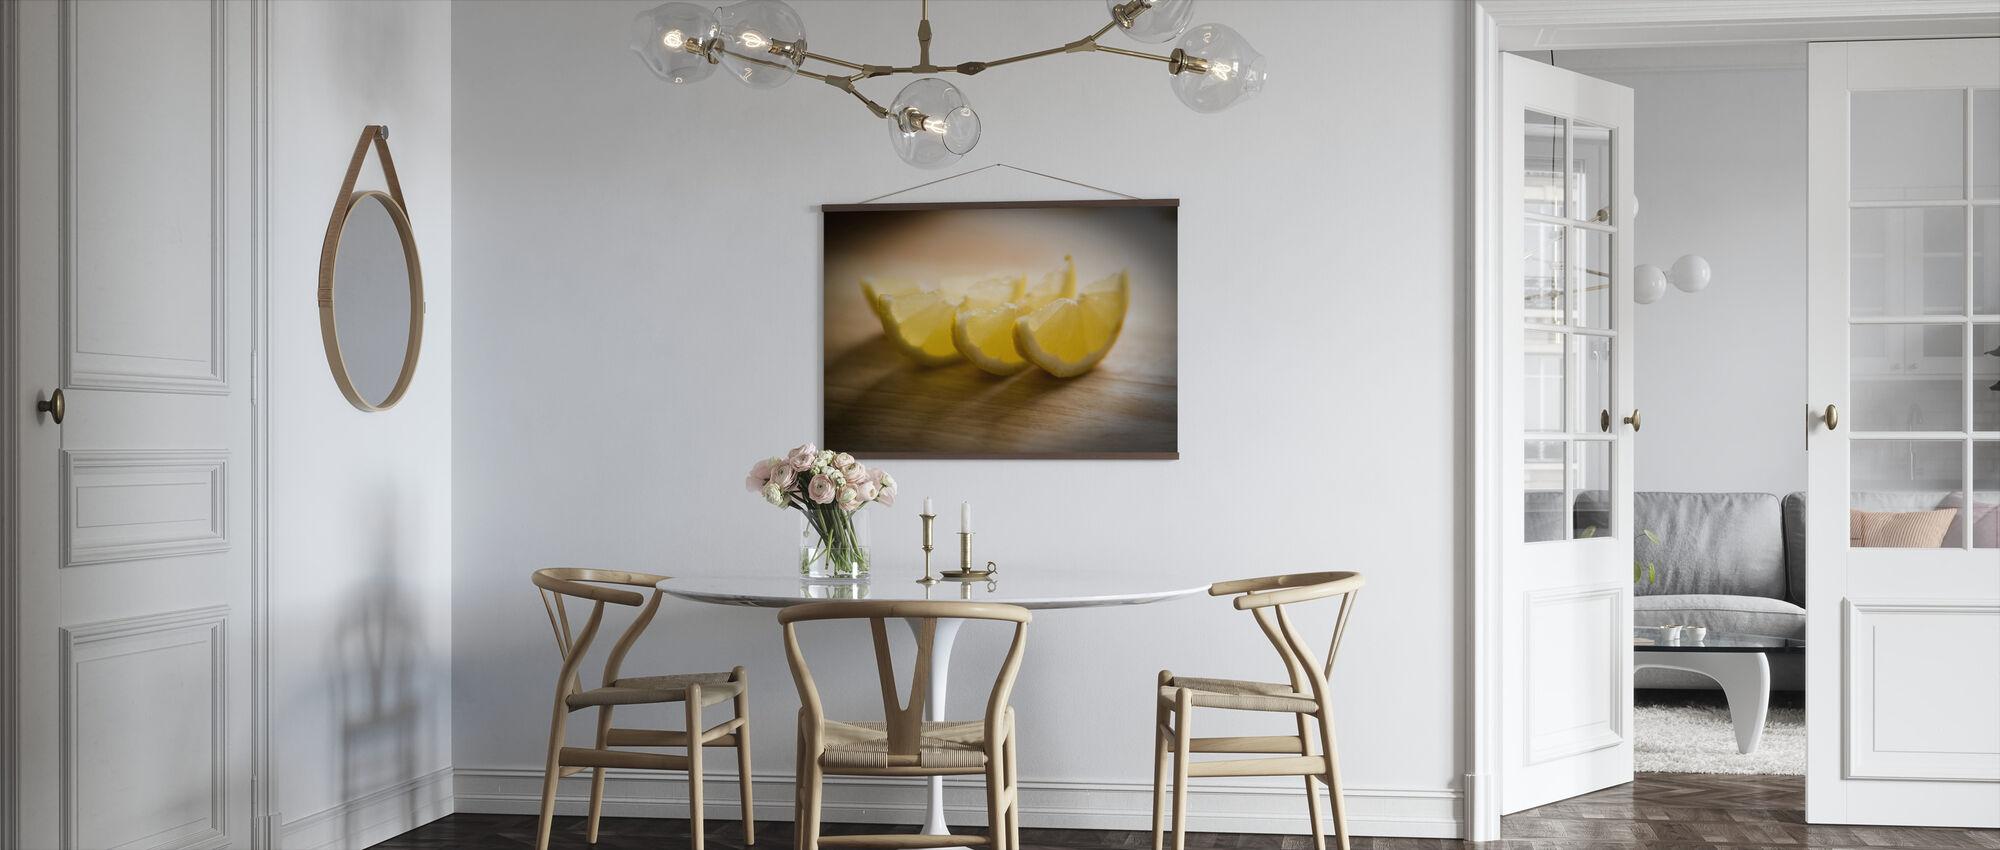 Freshly Sliced Lemon - Jesús Sierra - Poster - Kitchen